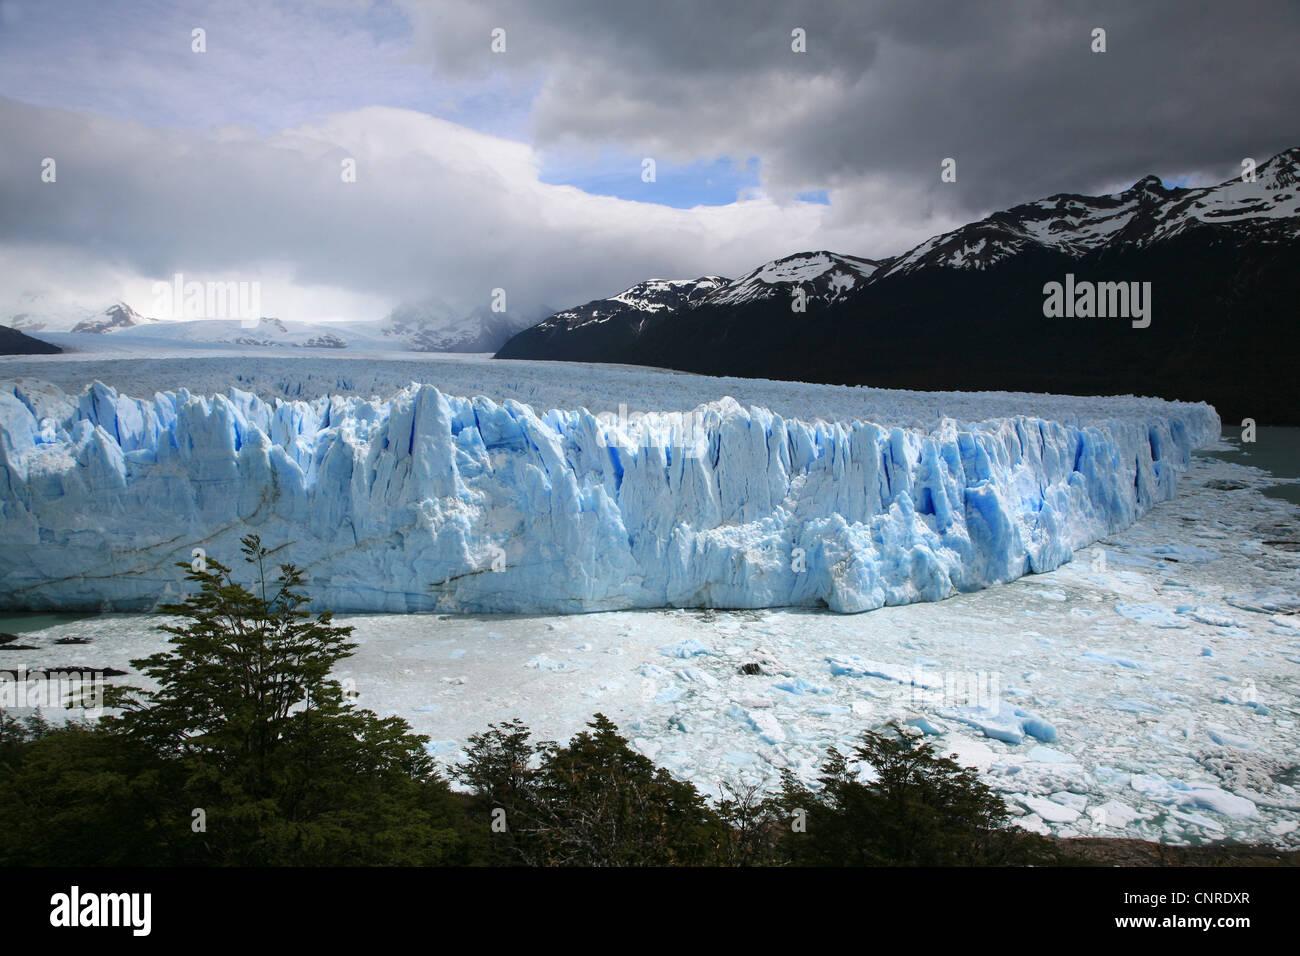 glacier Perito Moreno, Argentina, Patagonia - Stock Image